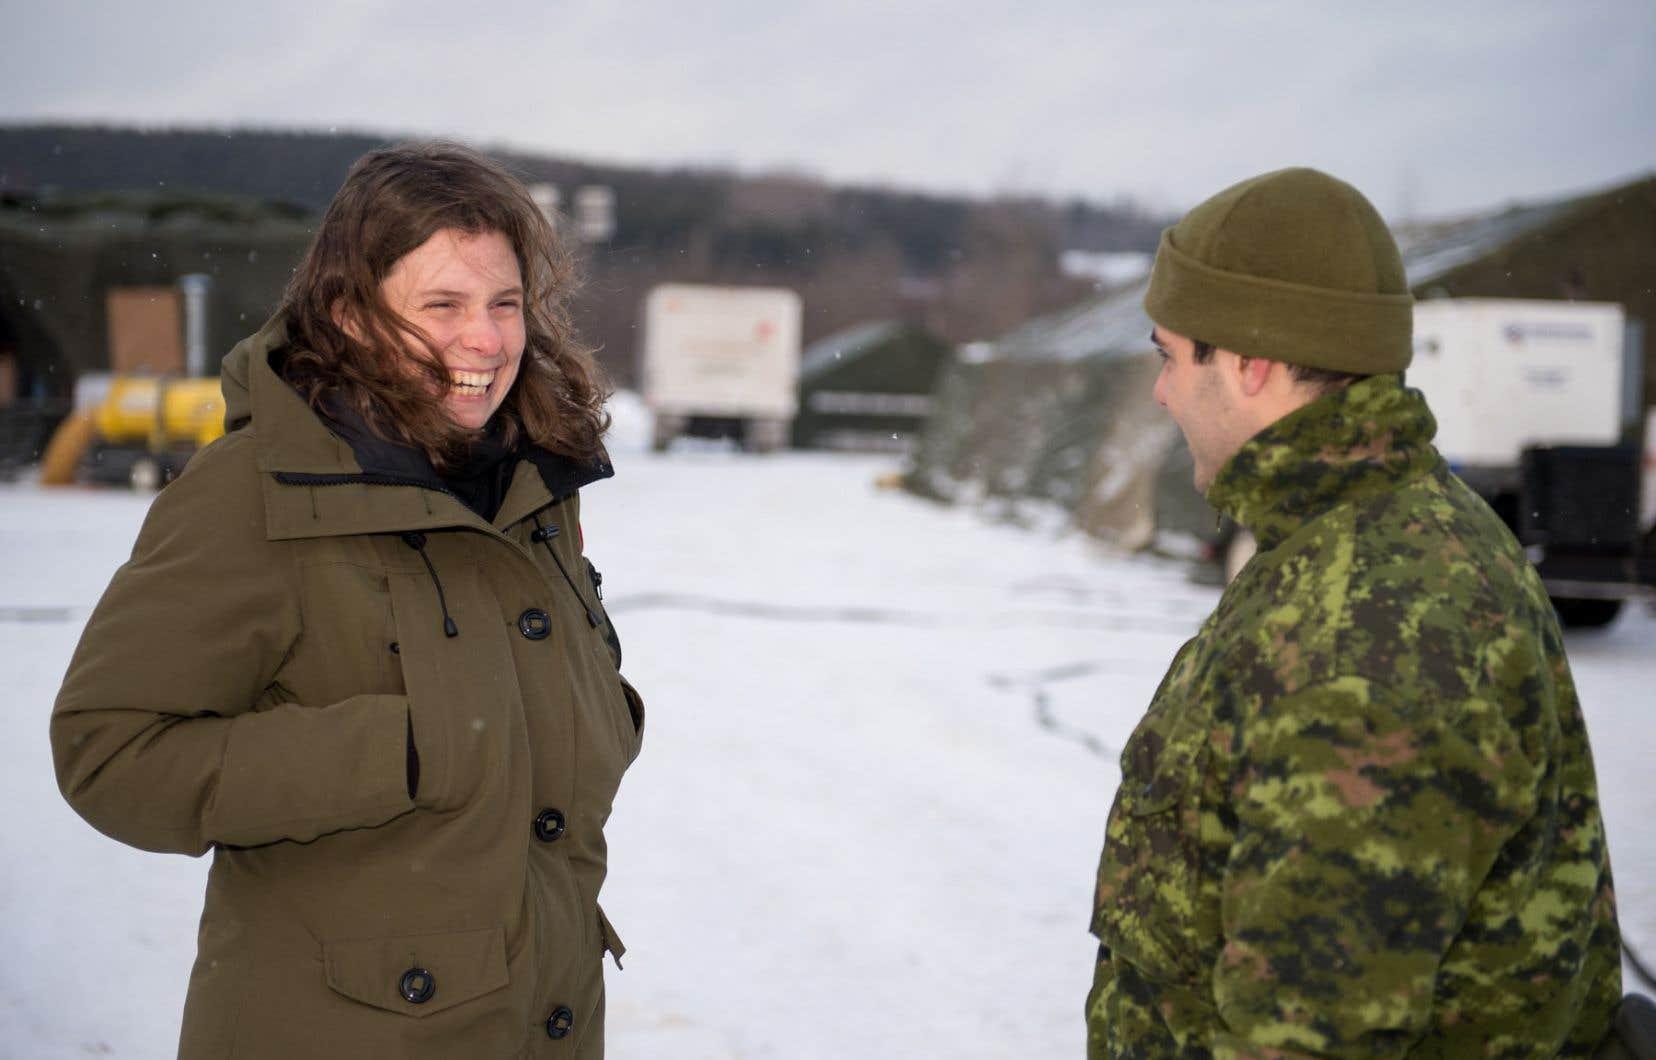 L'auteure Roxanne Bouchard discute avec un militaire.